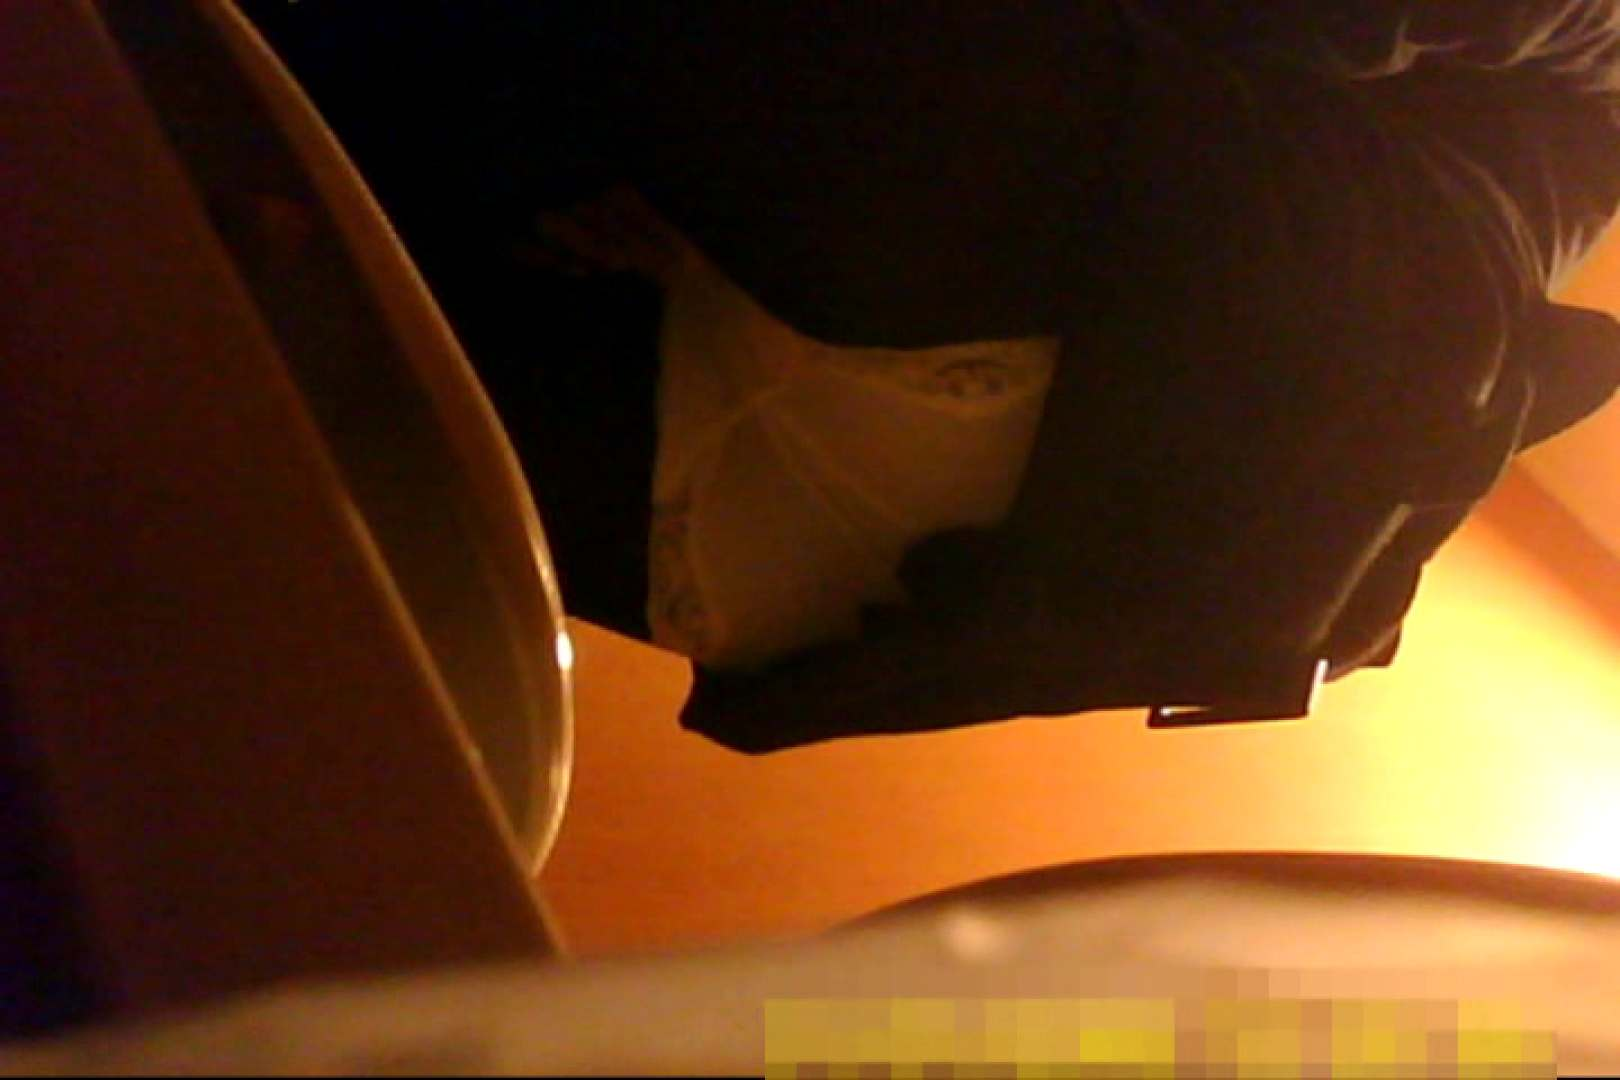 魅惑の化粧室~禁断のプライベート空間~vol.7 プライベート  79pic 27